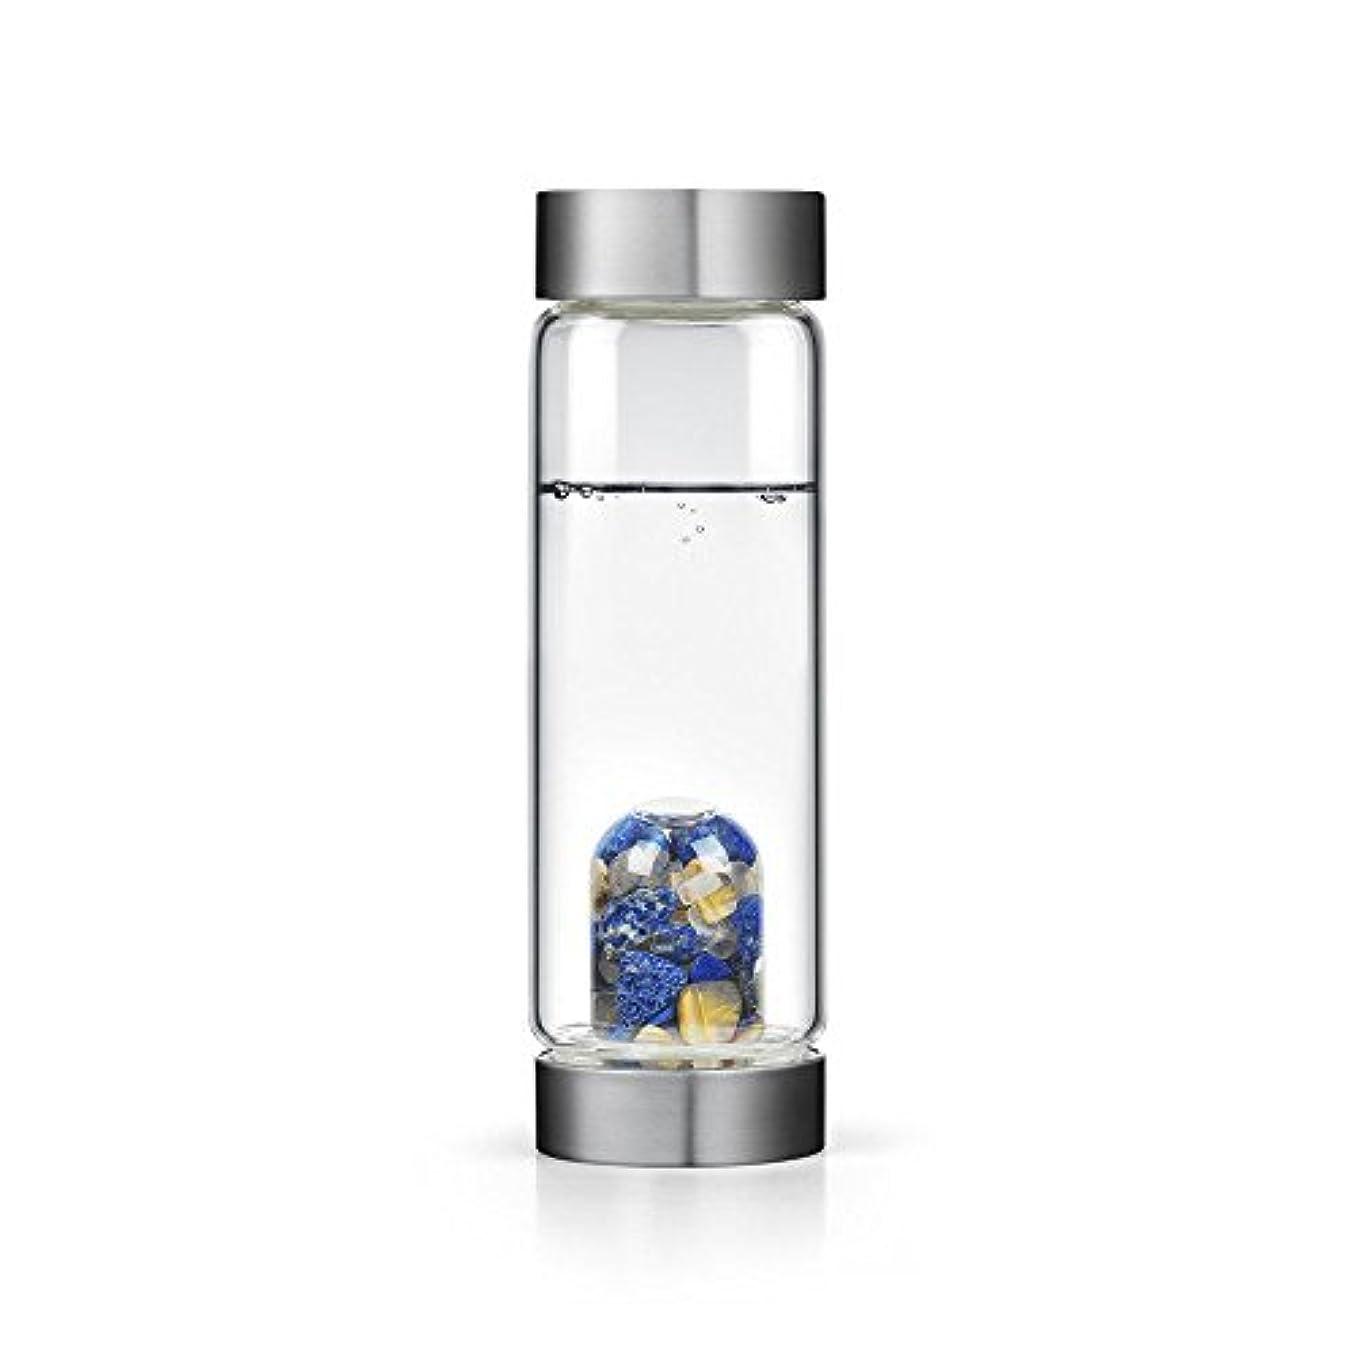 追跡住む予言するインスピレーションgem-waterボトルby VitaJuwel W / Freeカリフォルニアホワイトセージバンドル 16.9 fl oz